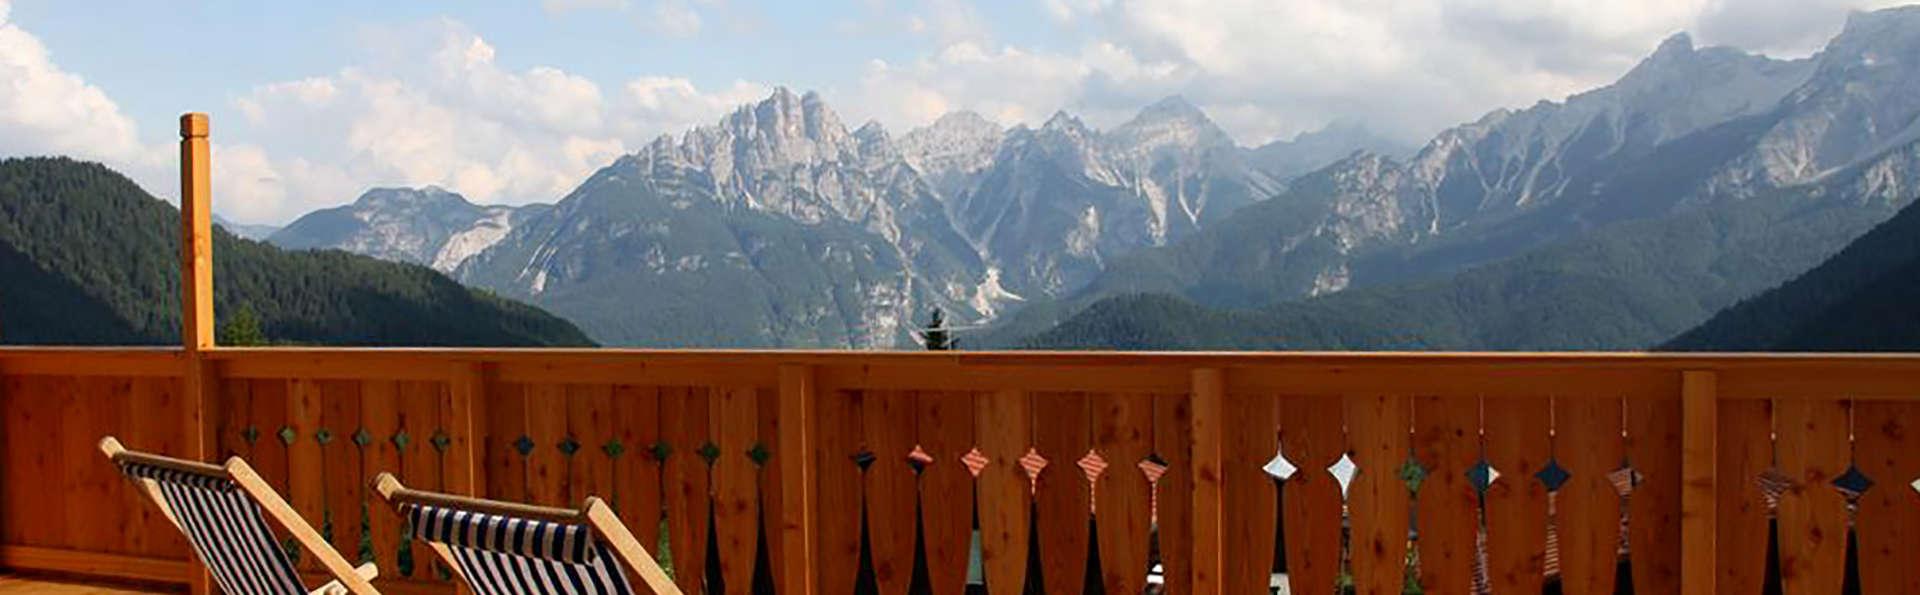 Vacances relaxantes dans la vallée de Zoldo en pleine nature